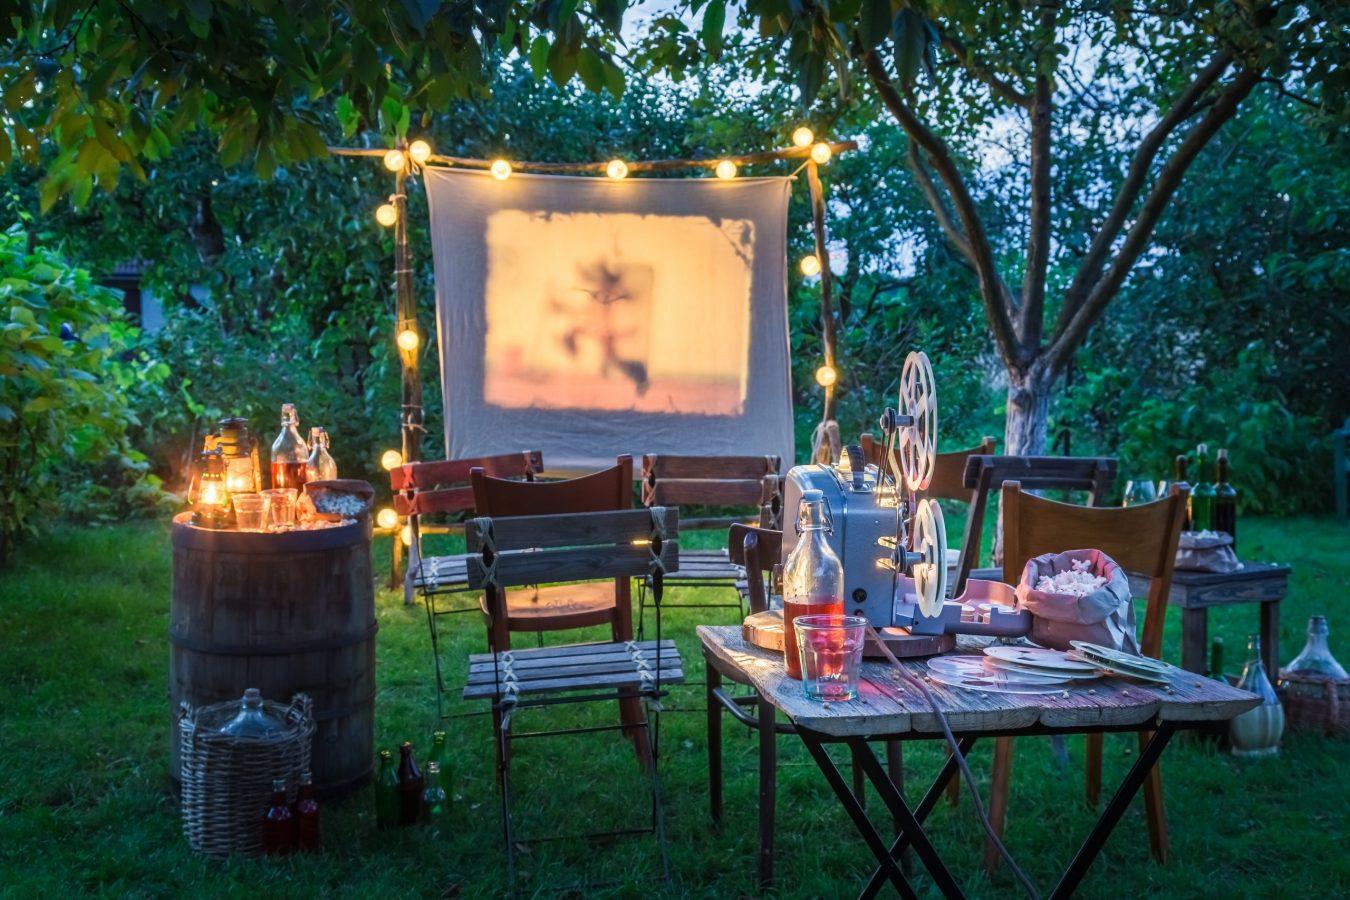 Cinema – De echte reflector van de samenleving